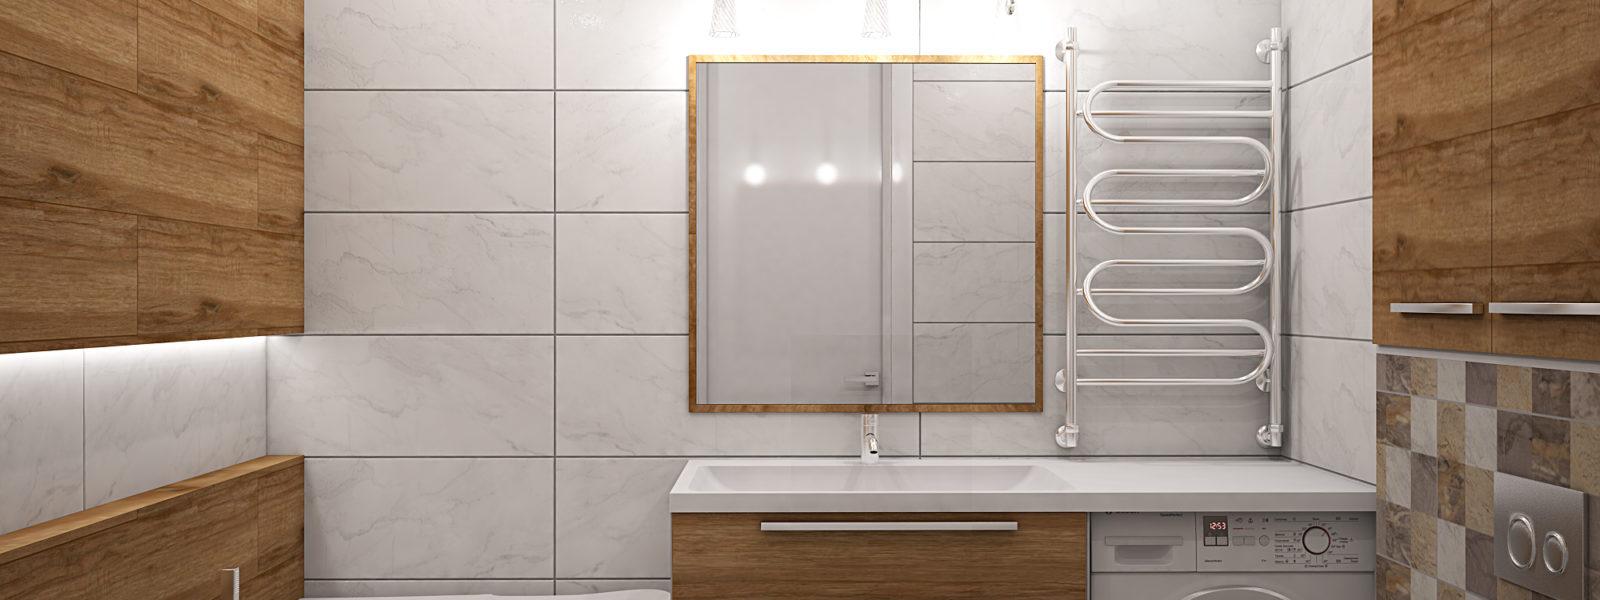 Дизайн проект трехкомнатной квартиры. Совмещенная ванная комната и туалет.